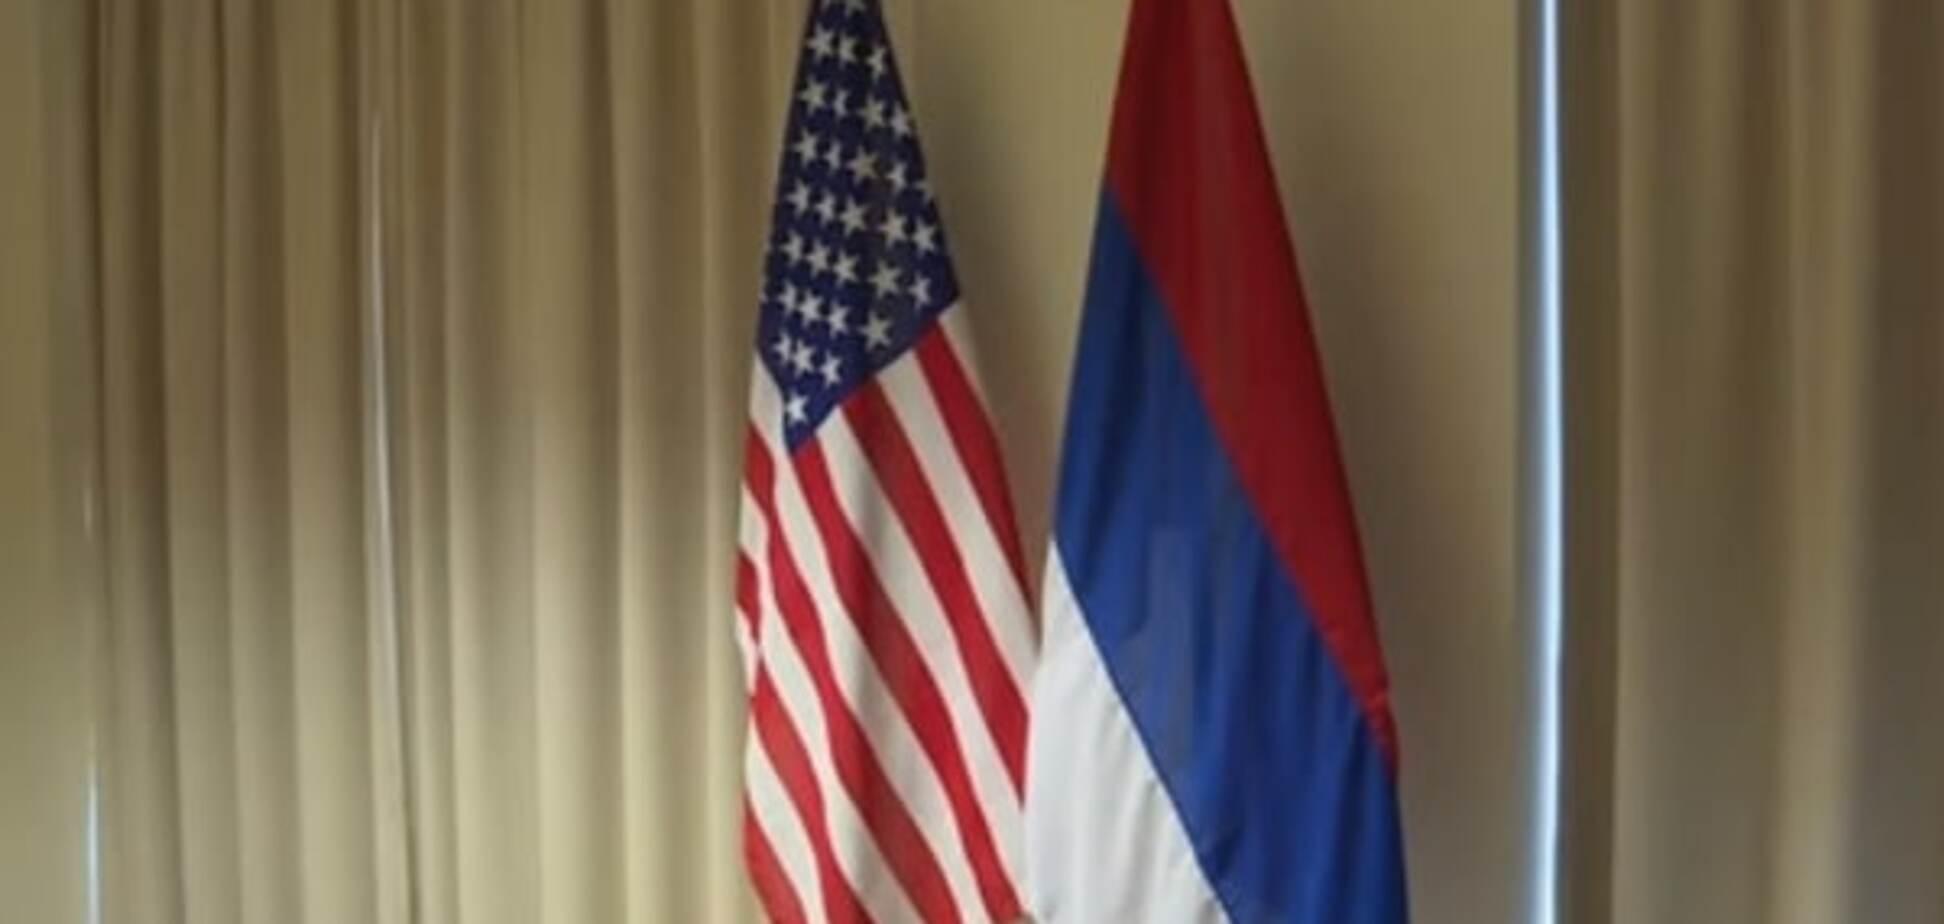 Обидели сверхдержаву: на встрече Лаврова и Керри возник курьез с флагом РФ. Видеофакт